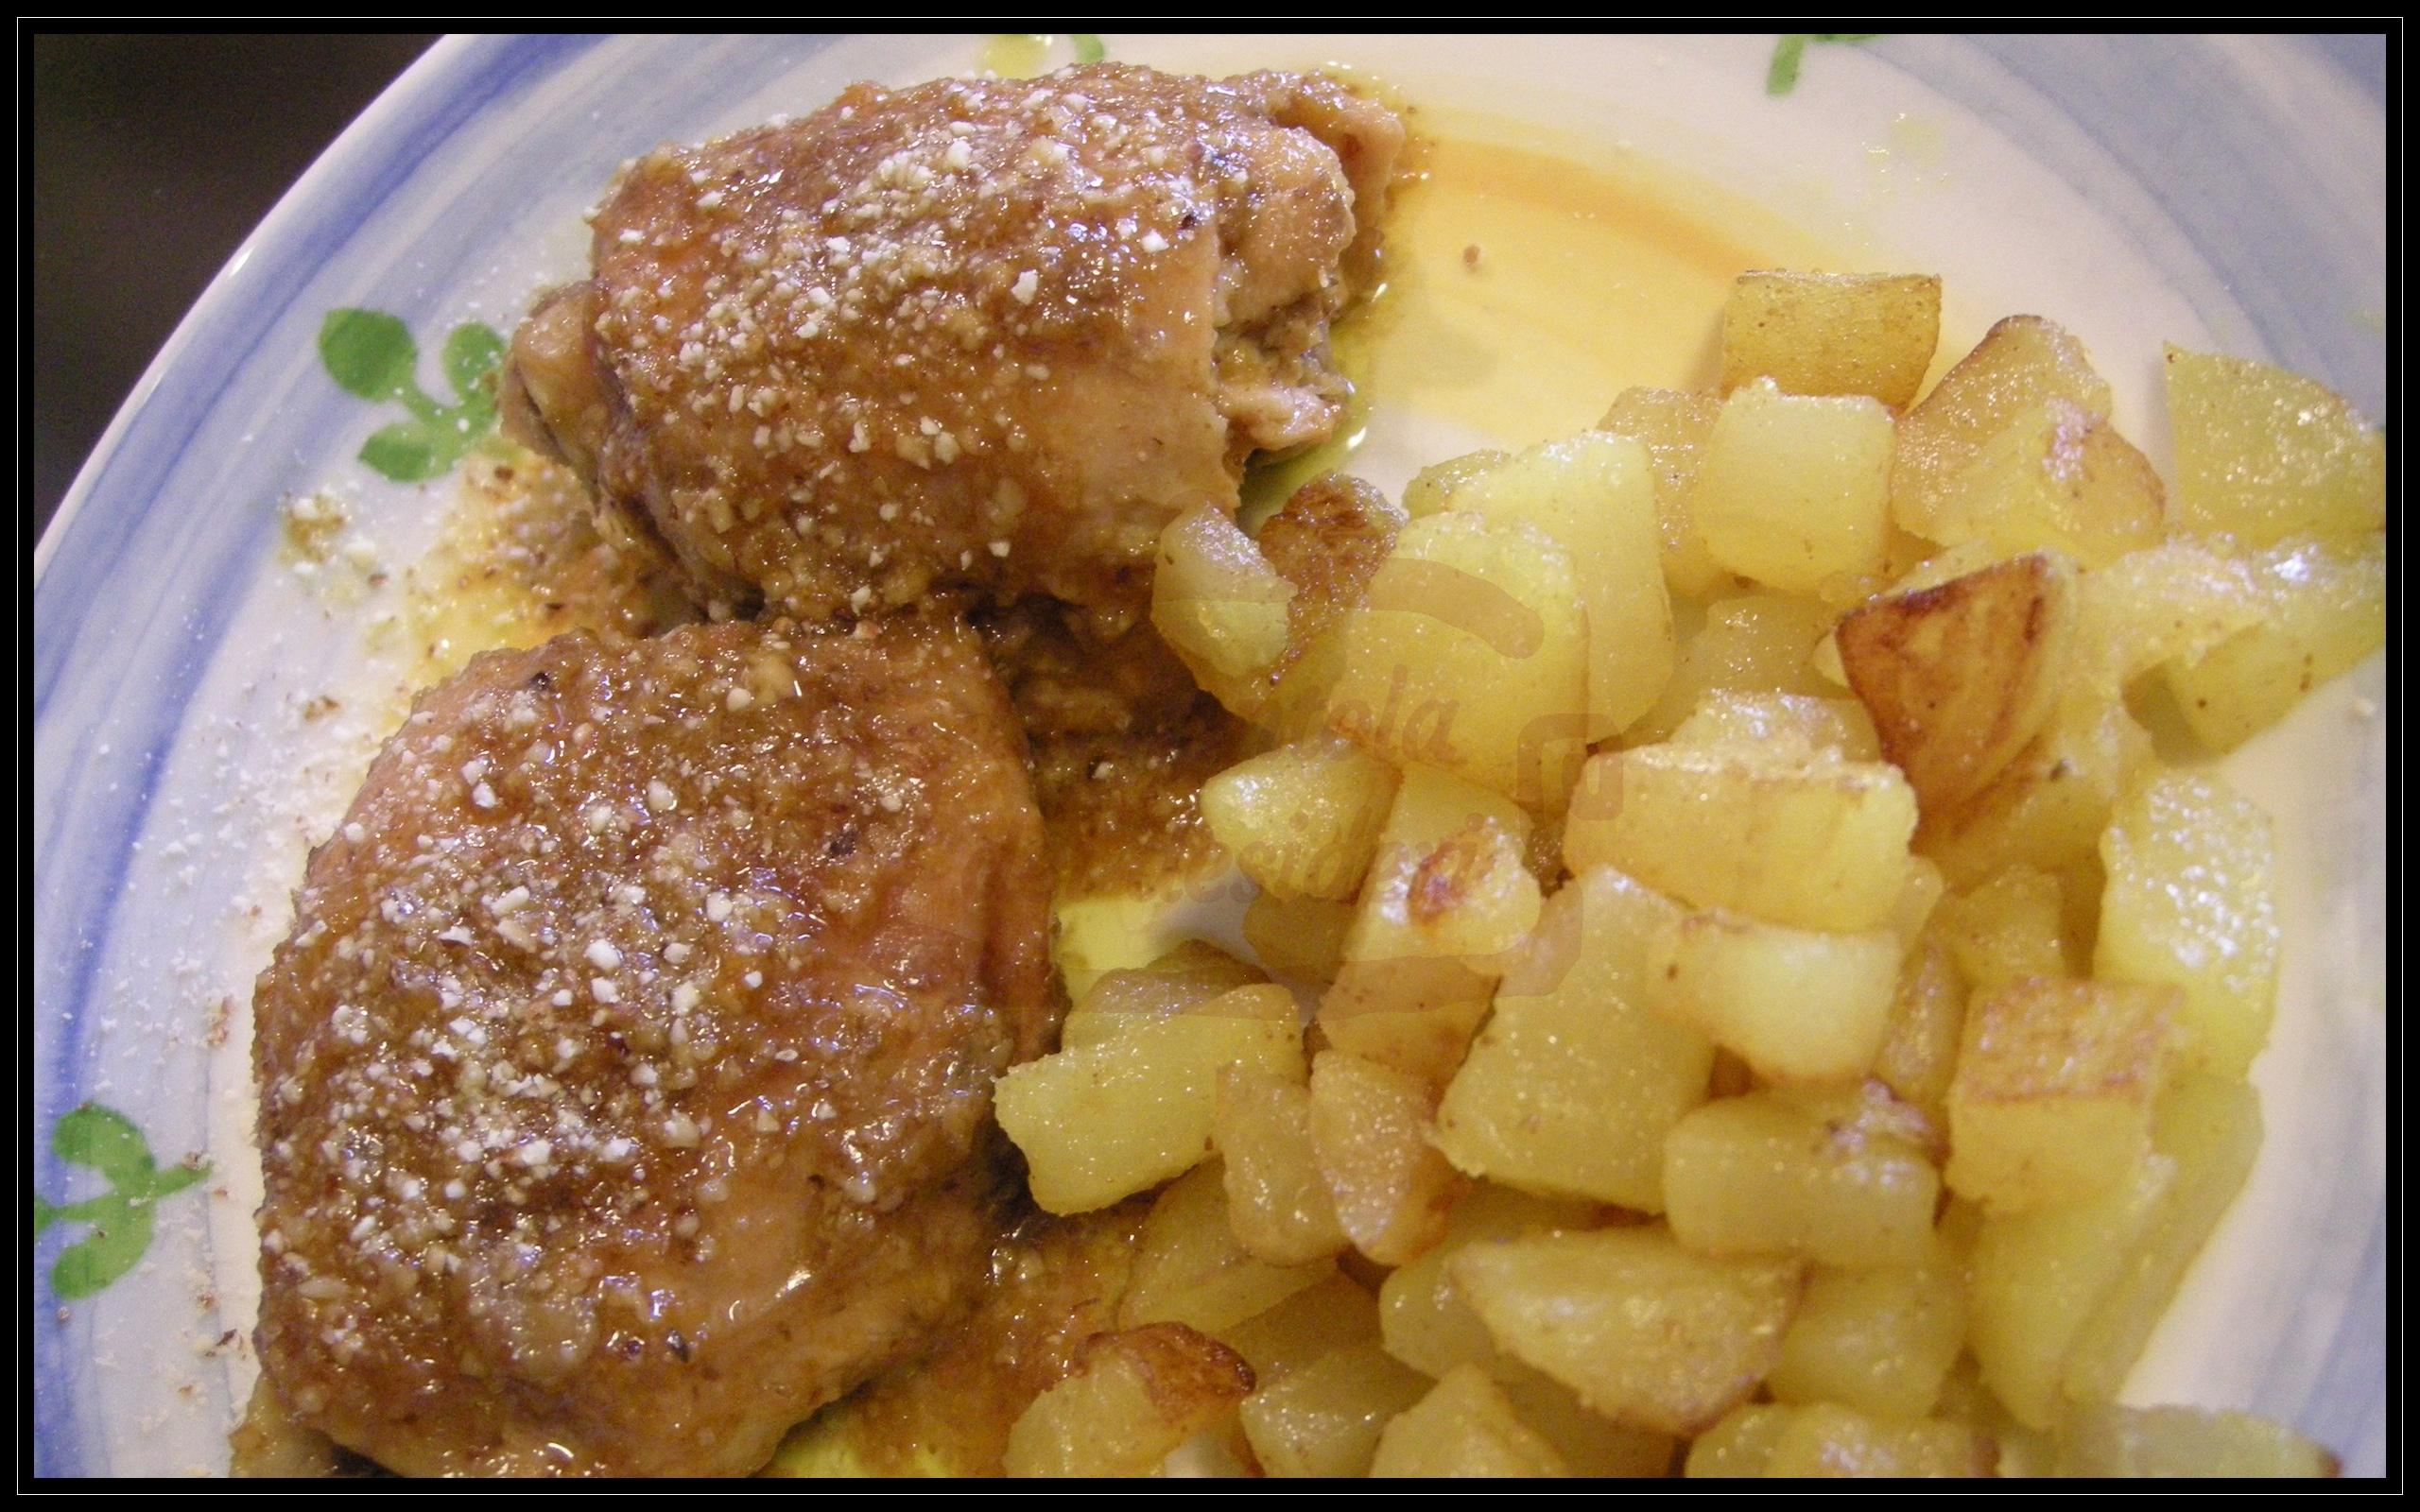 Sovracoscia di pollo al miele e salsa di soia accompagnato da patate al burro e curry